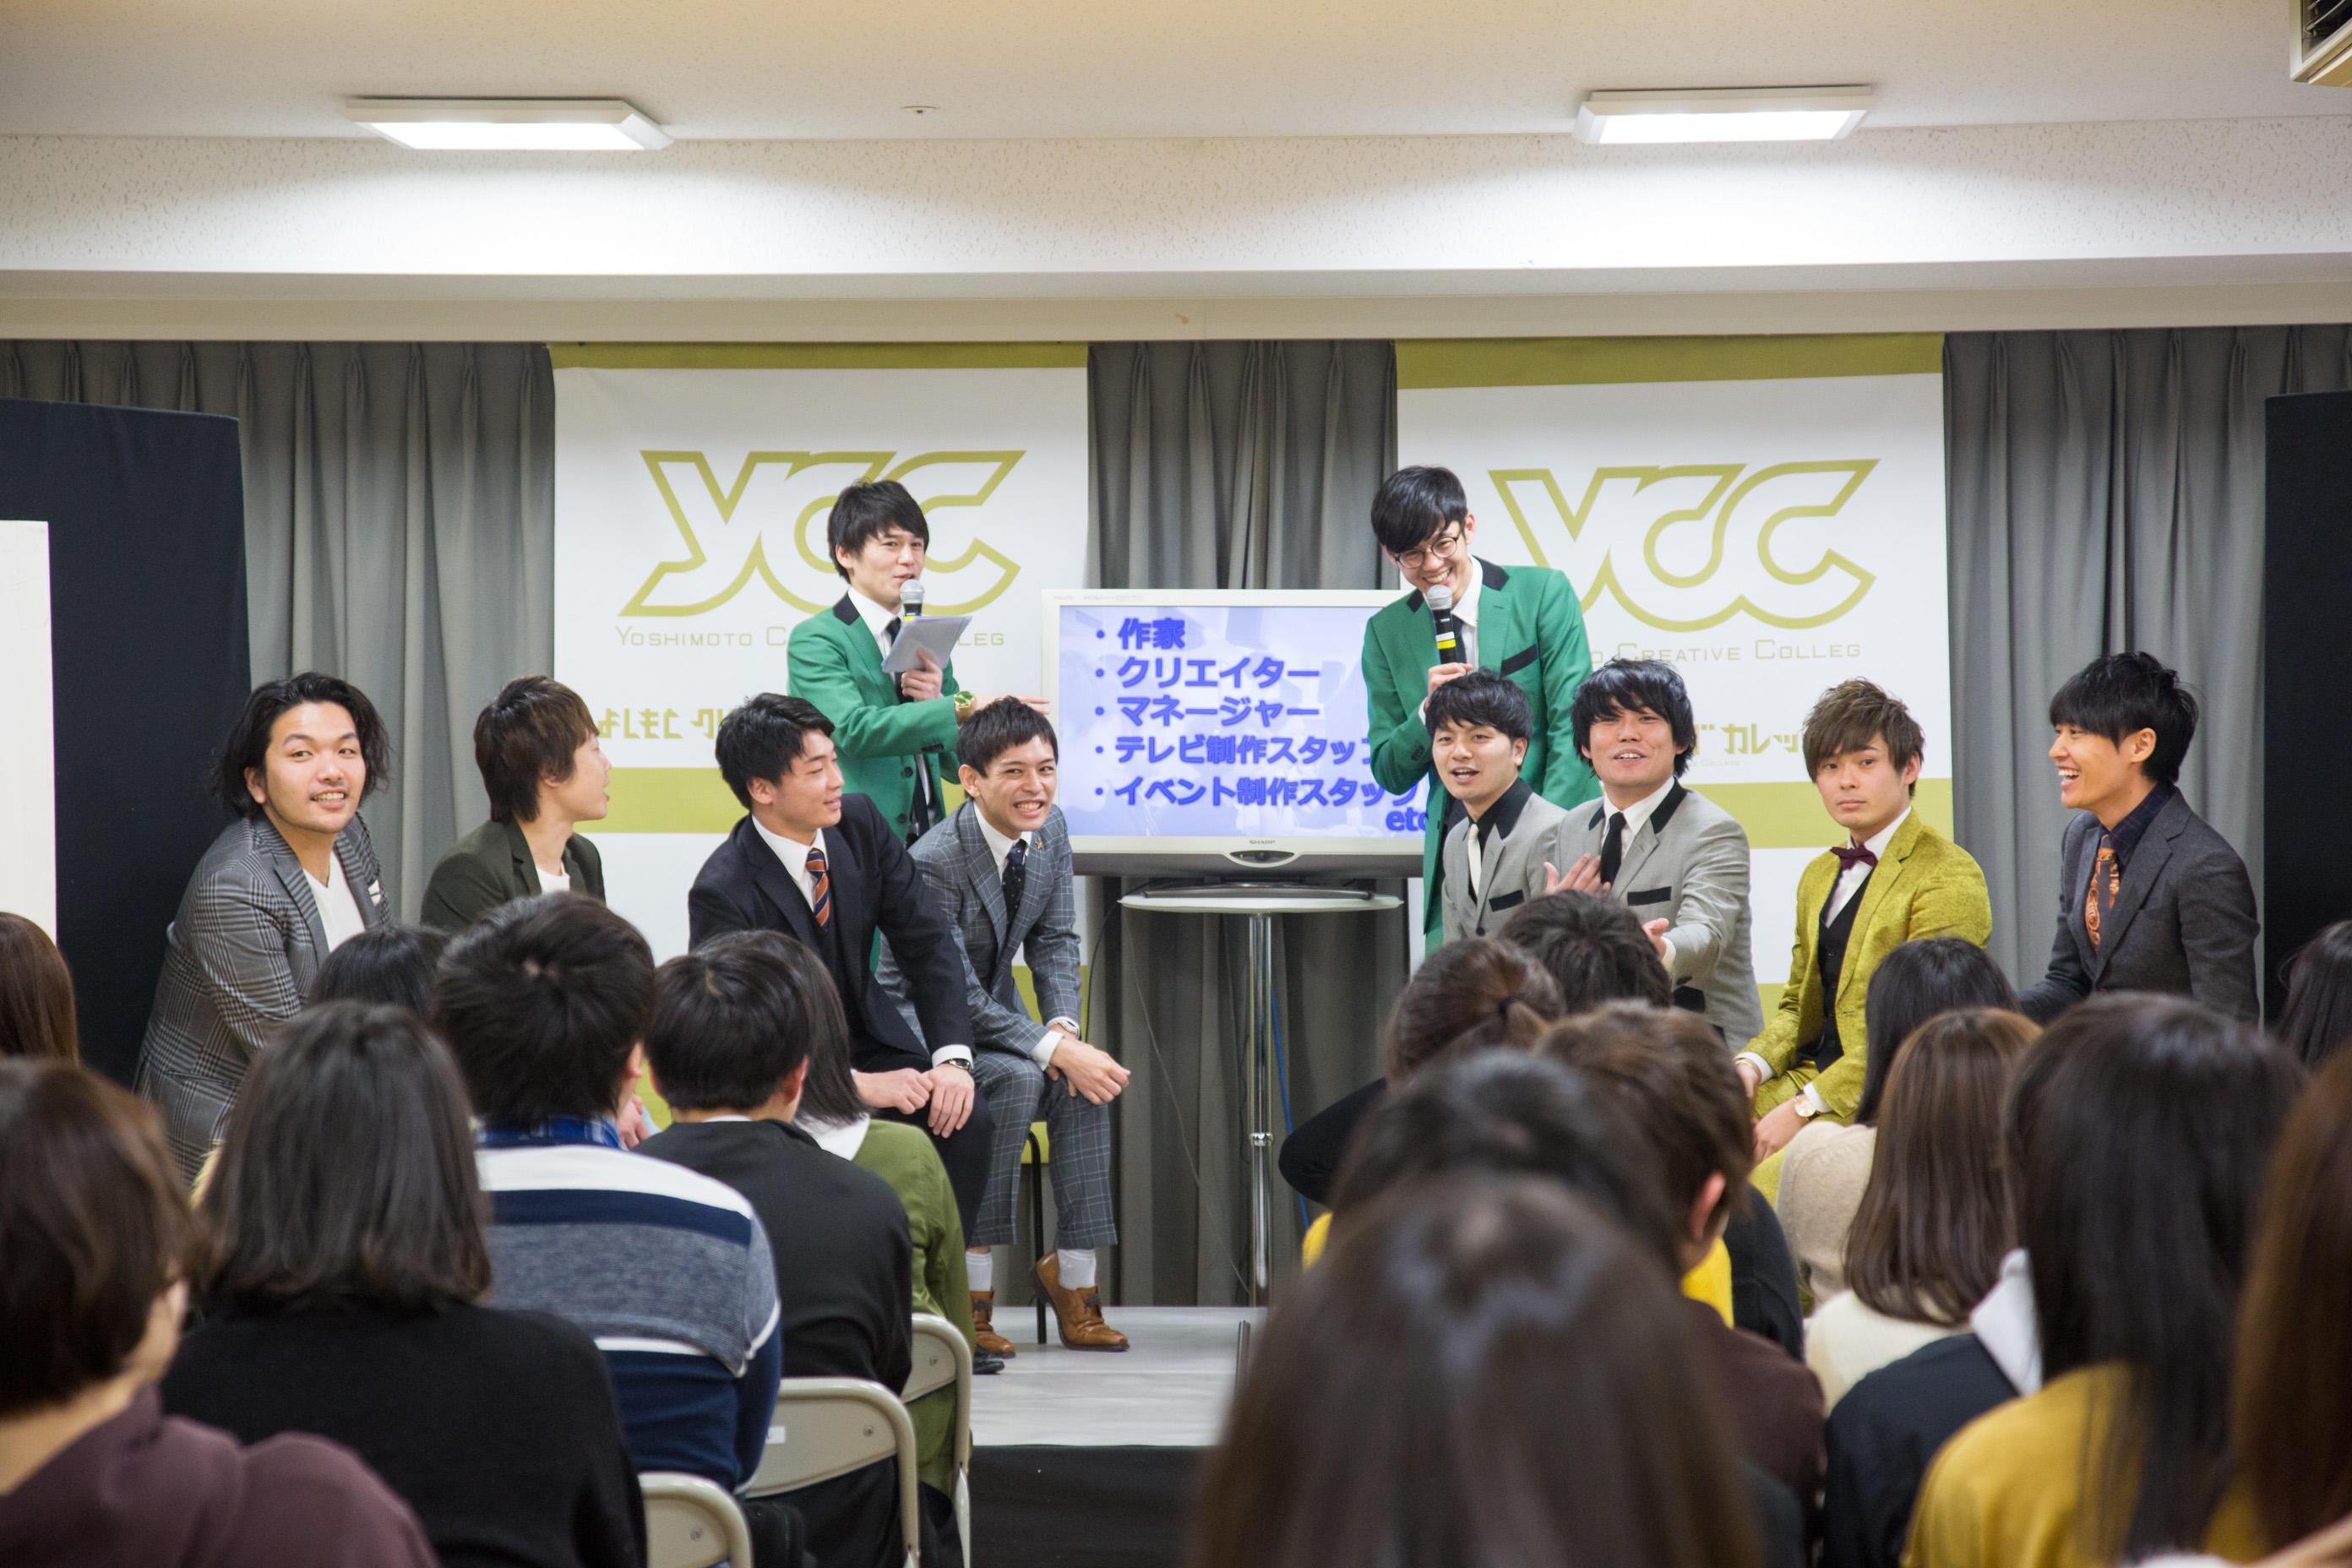 http://news.yoshimoto.co.jp/20180209135526-55ffc7b0792d8353a0c6f52f45af1dd046375115.jpg